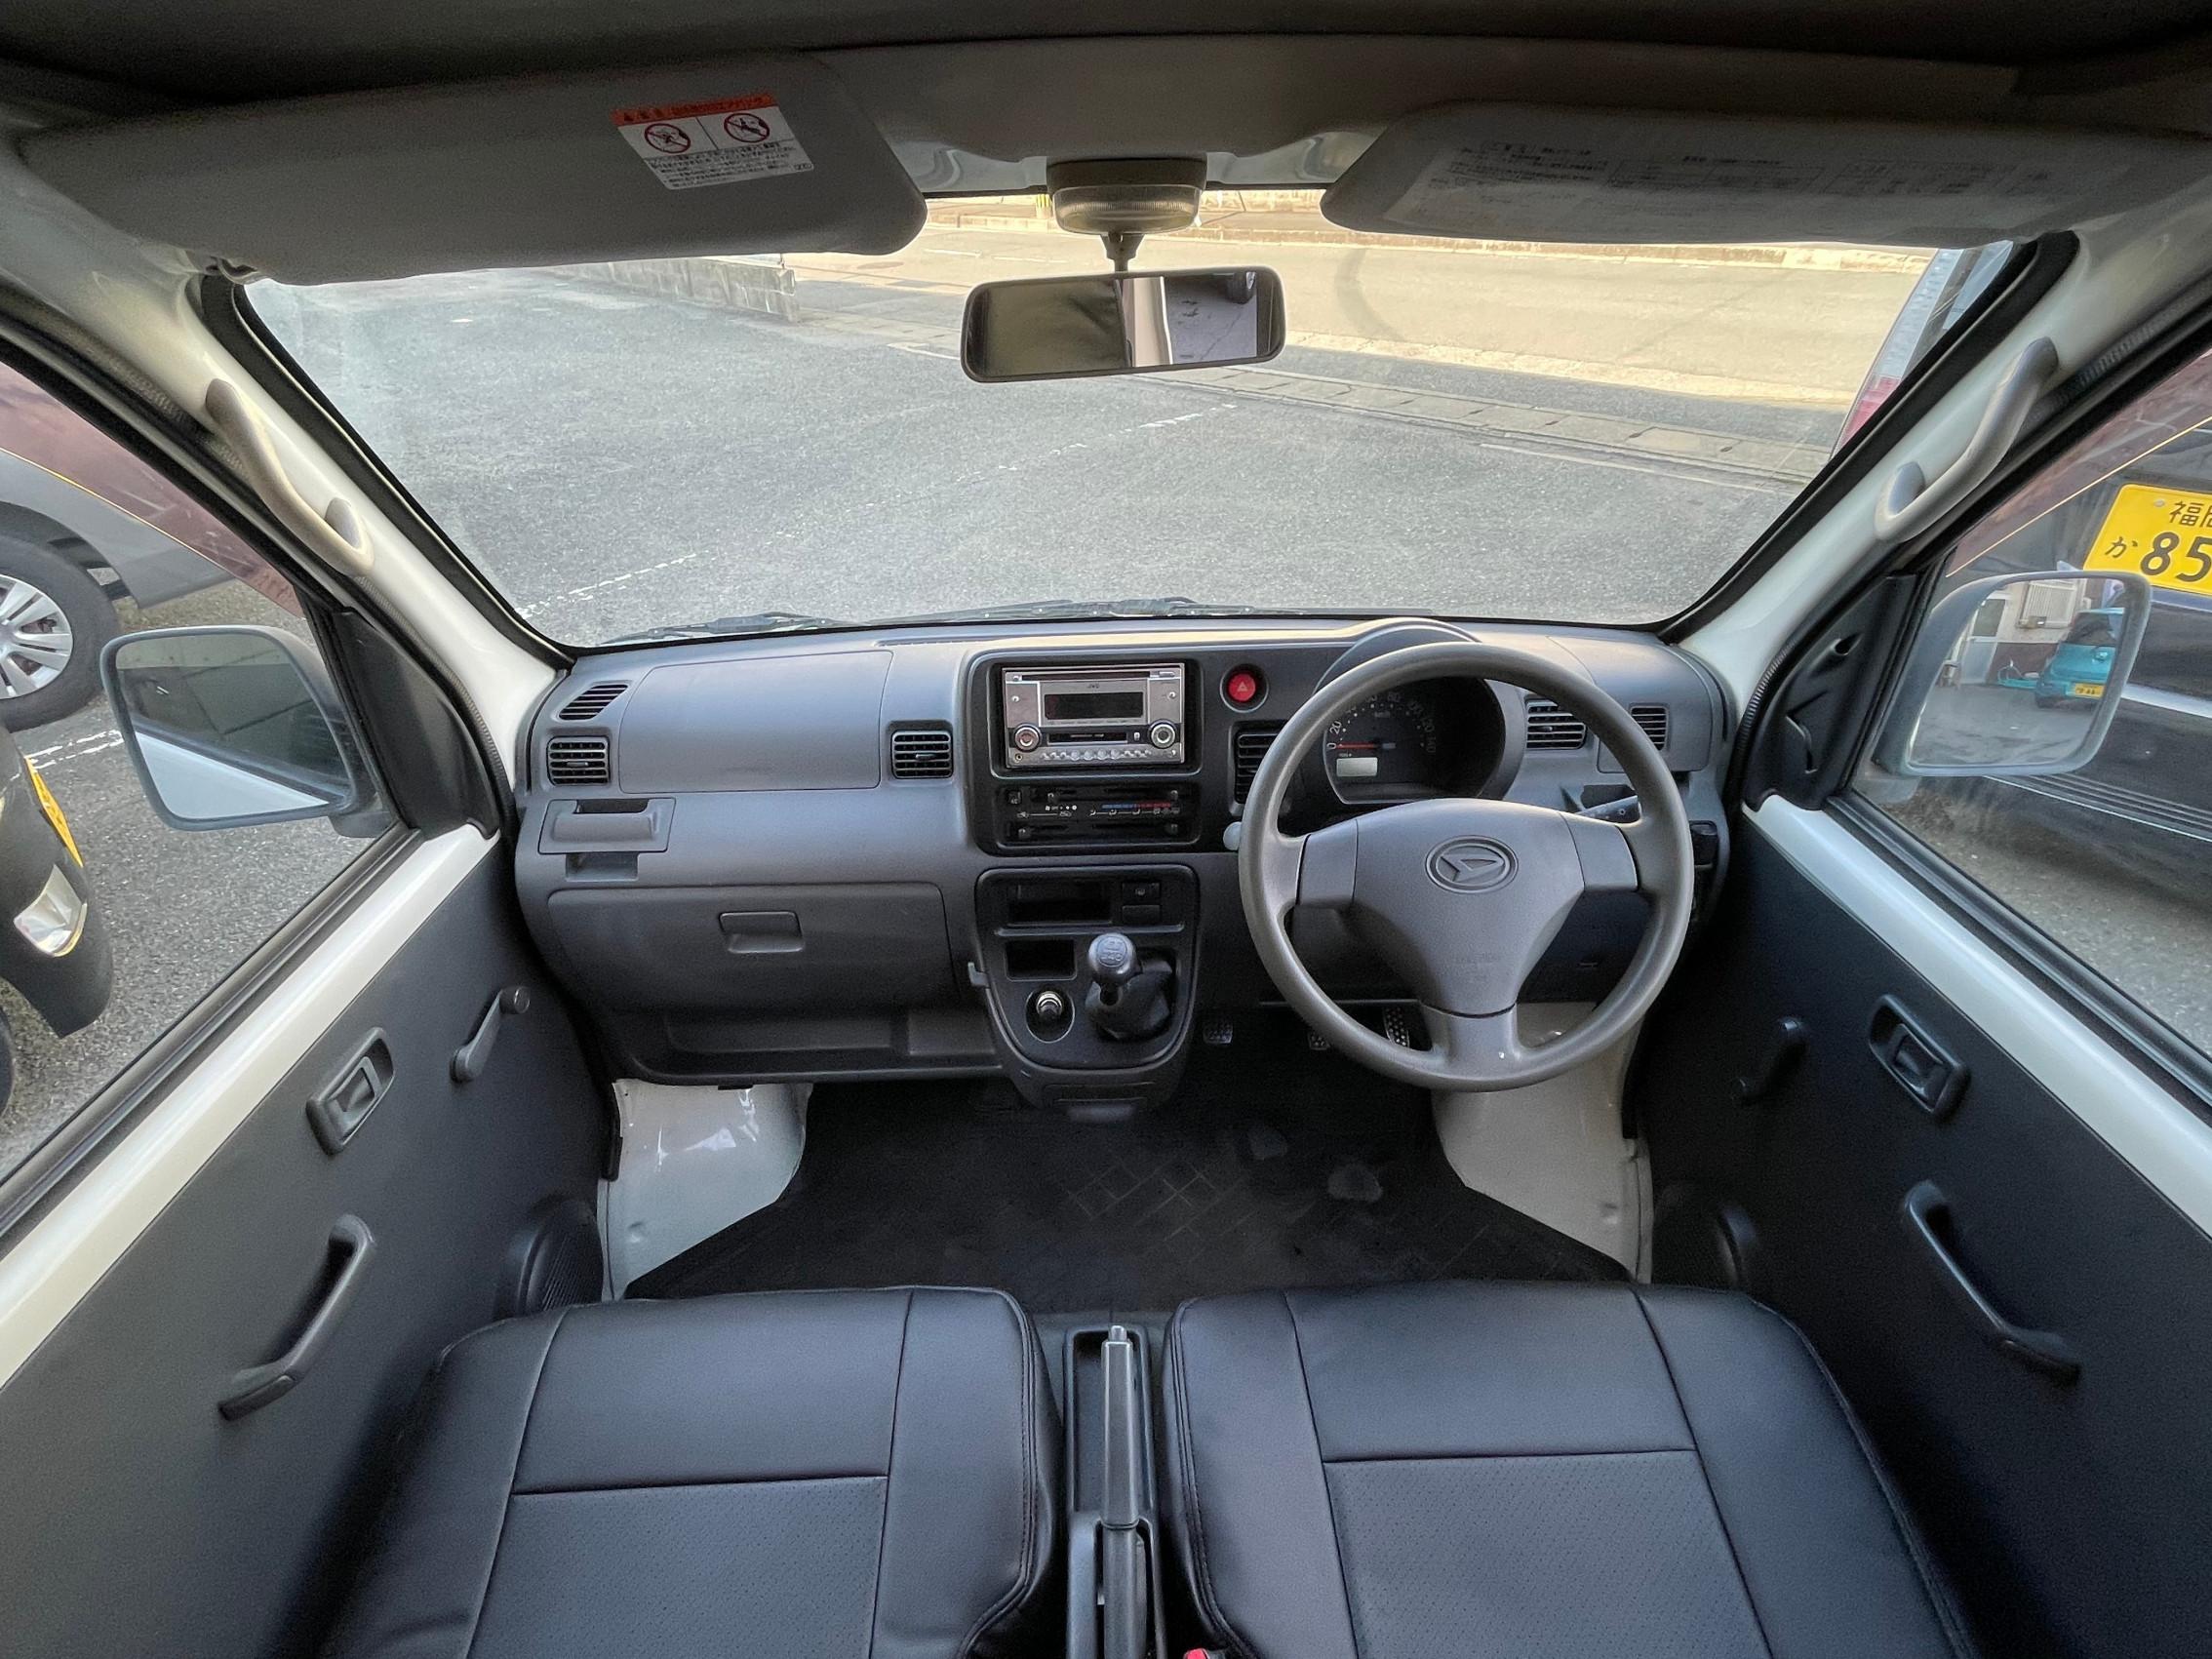 ハイゼット スペシャル CDMD ハイルーフ 5MT タイミングチェーン 両側スライドドア 黒革調シートカバー